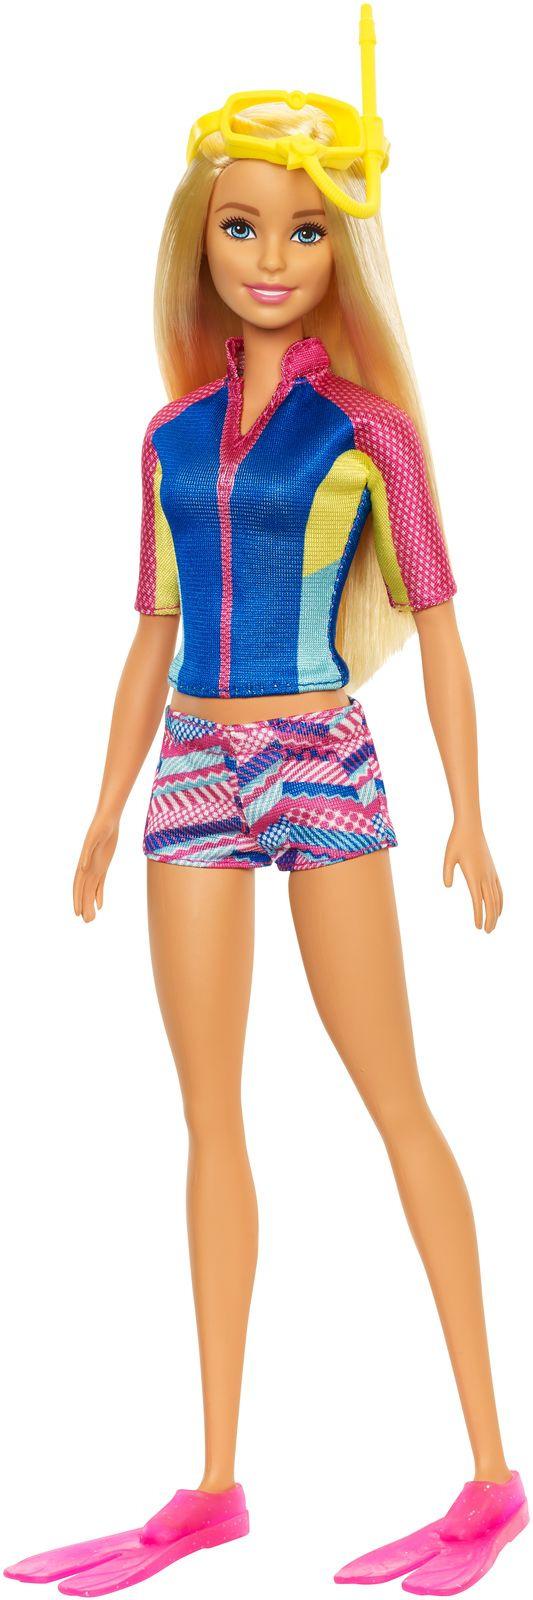 все цены на Barbie Морские приключения Кукла онлайн